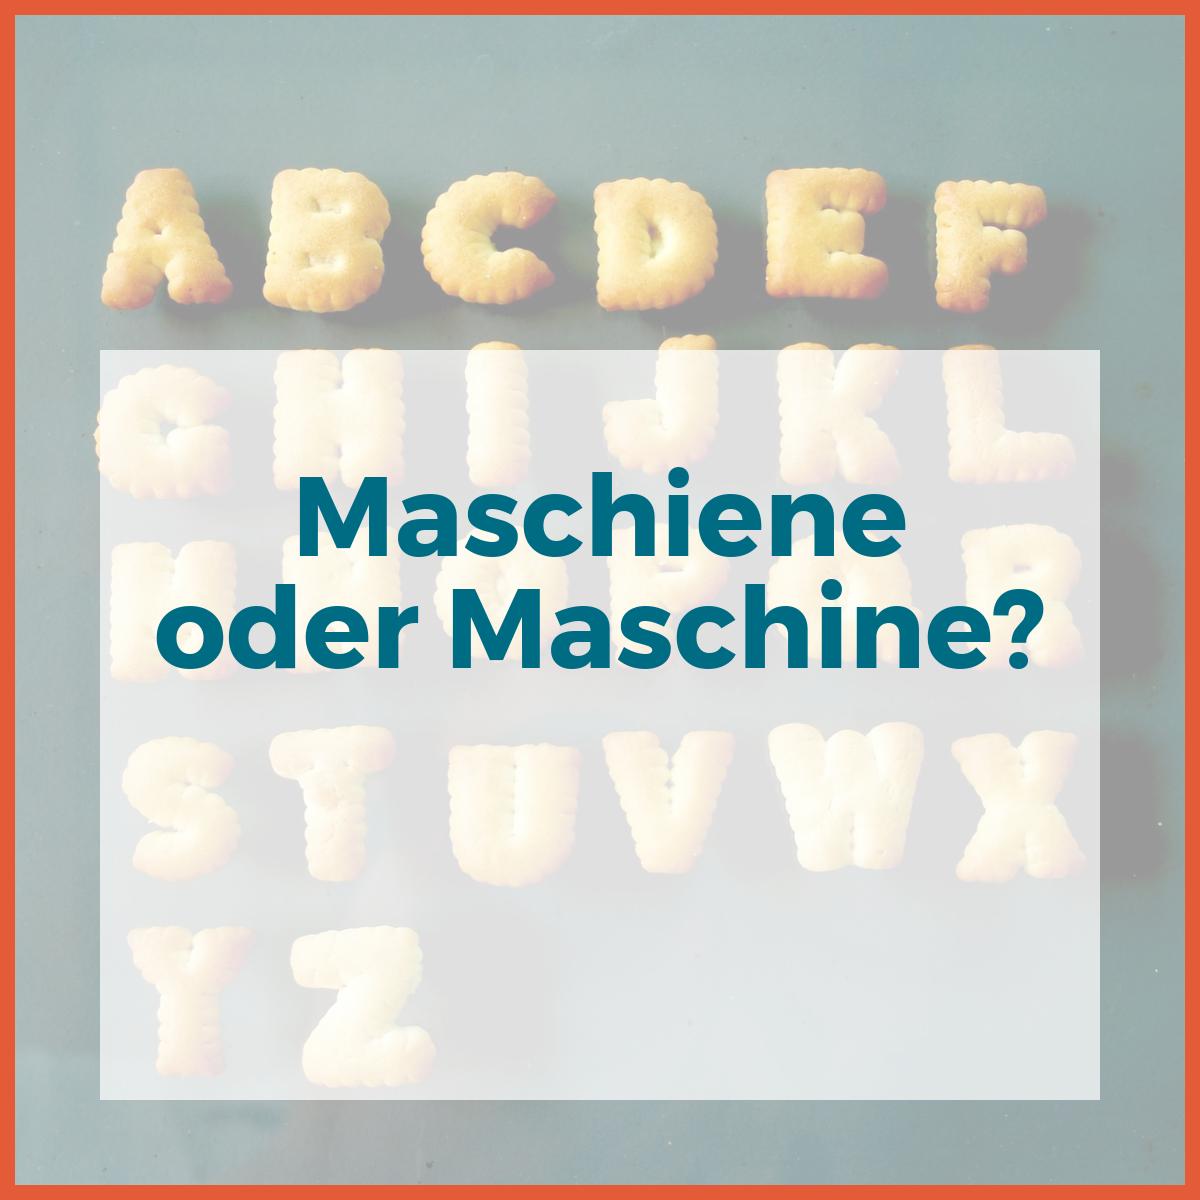 Maschine Oder Maschiene